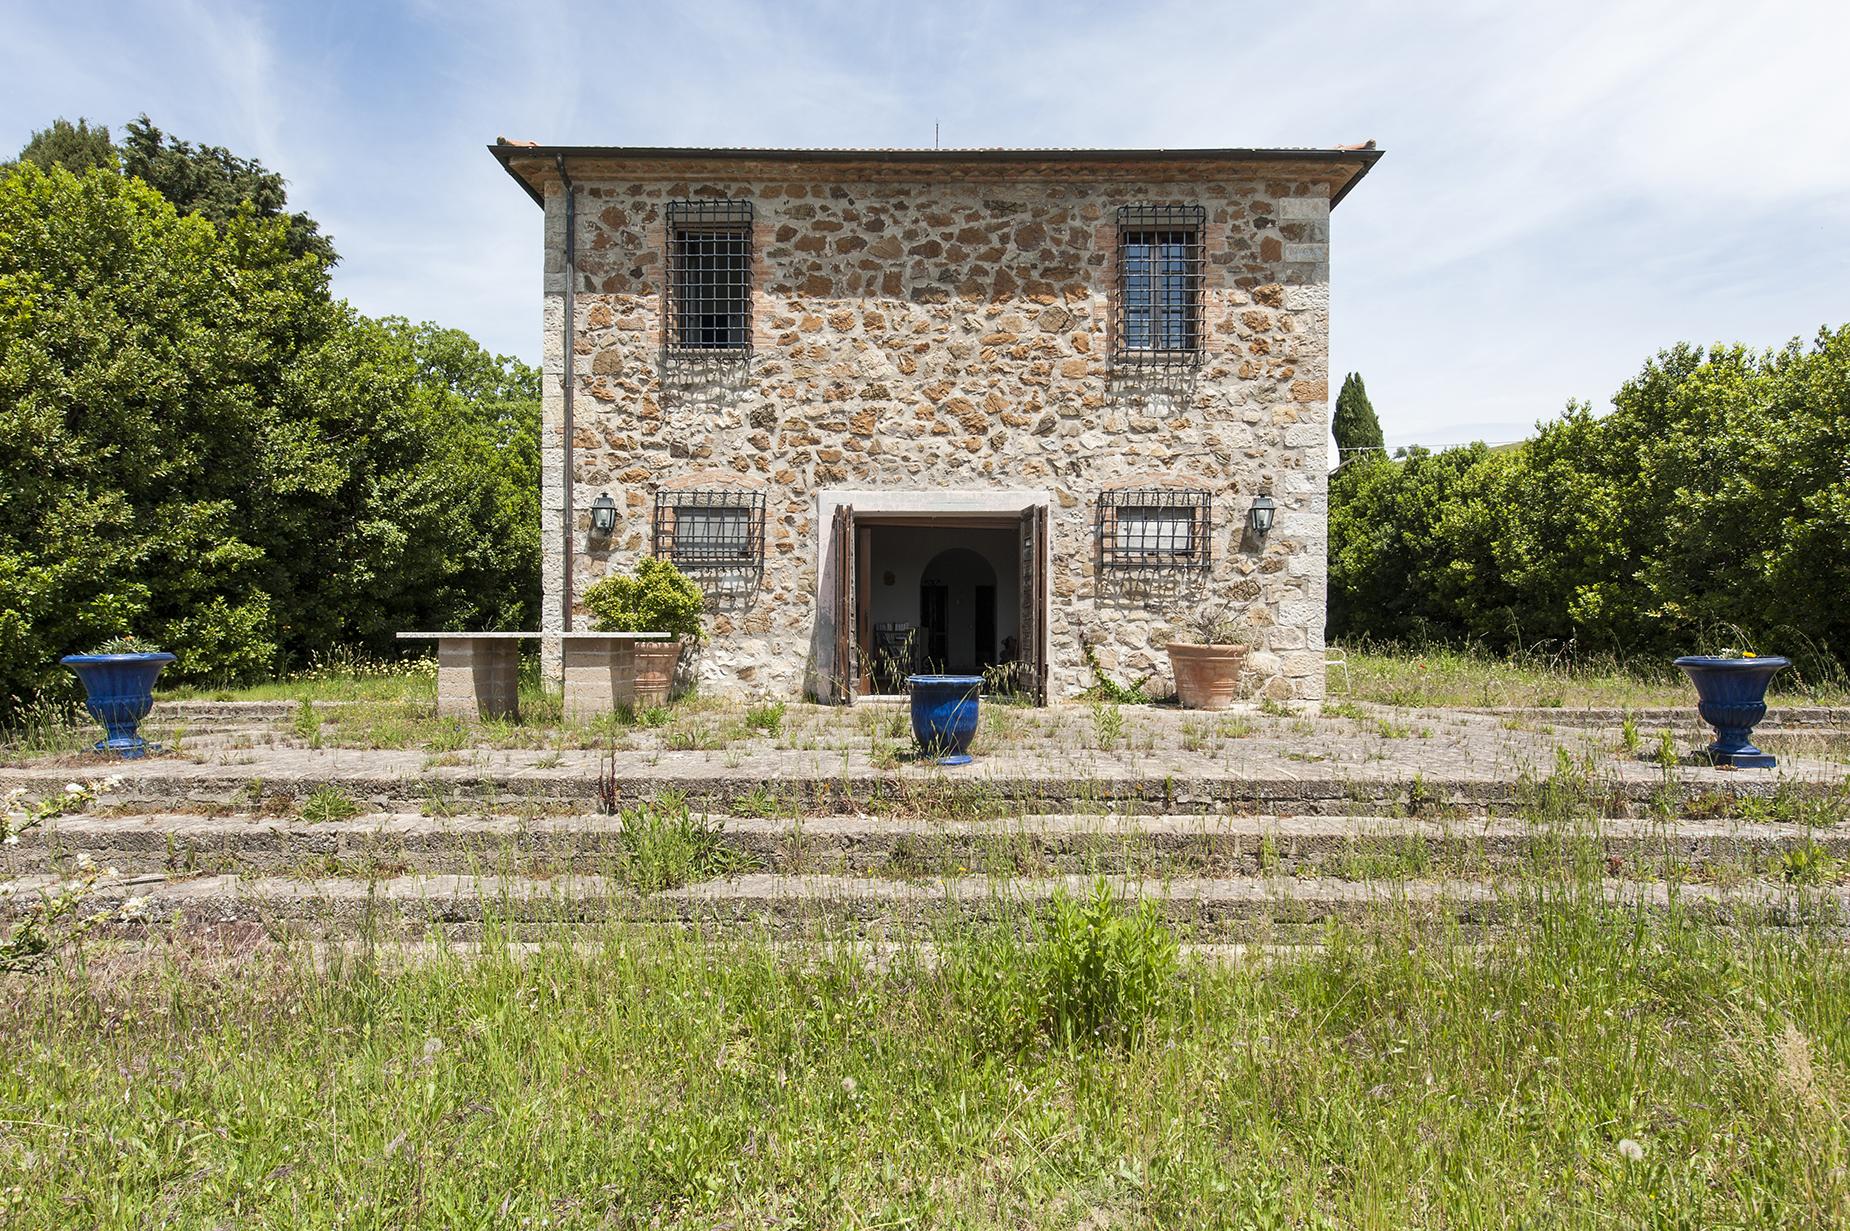 Rustico in Vendita a Roccalbegna: 5 locali, 450 mq